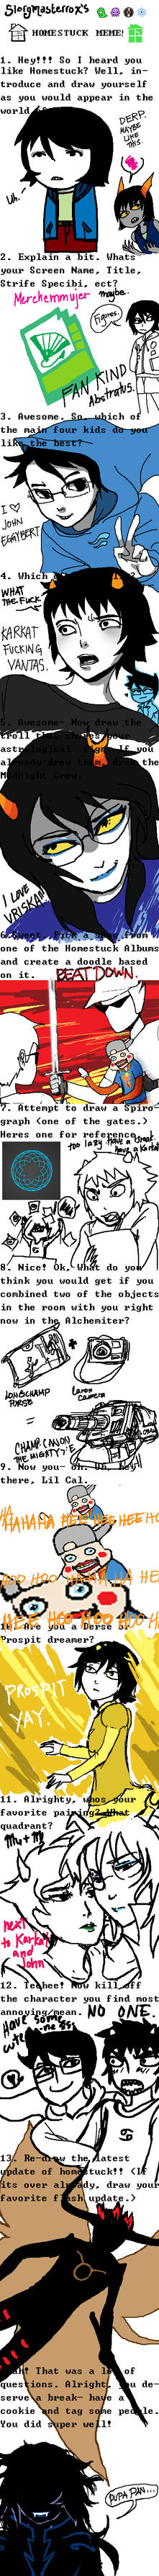 HOMESTUCK MEME OH BLUGH by LightSorceress